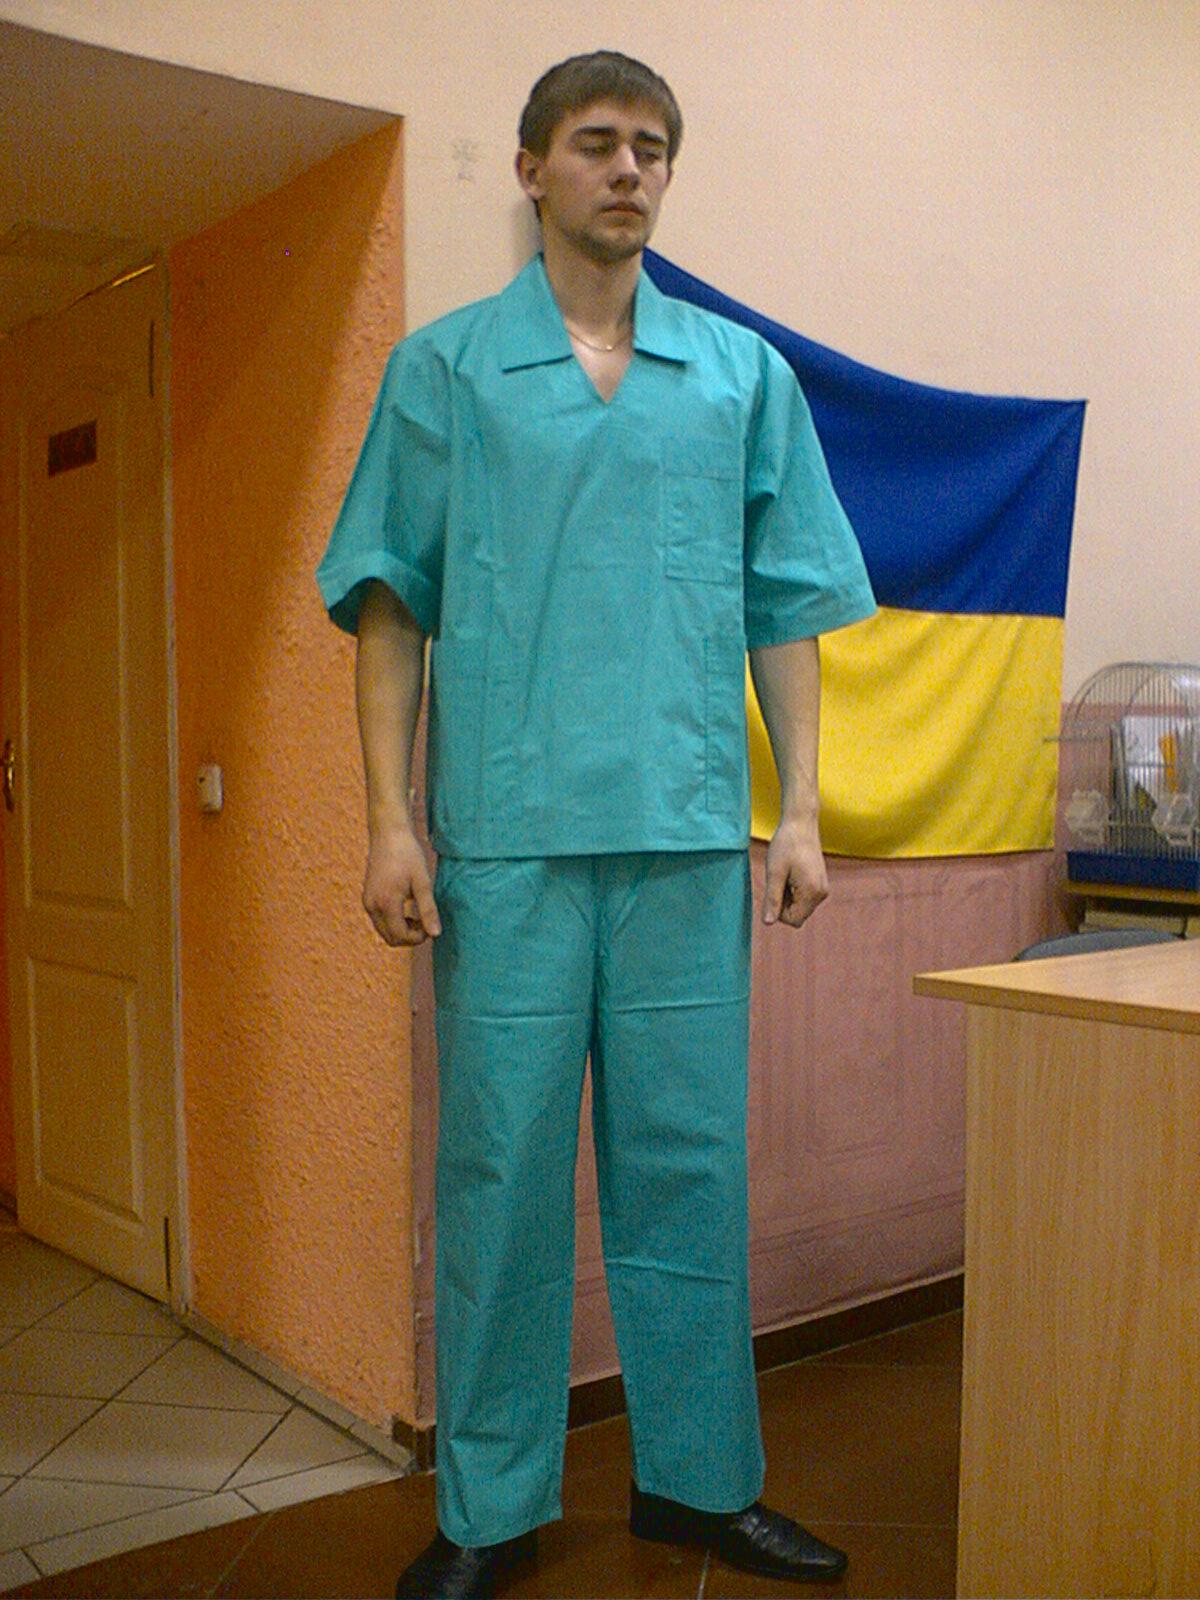 униформа для персонала больницы цветная